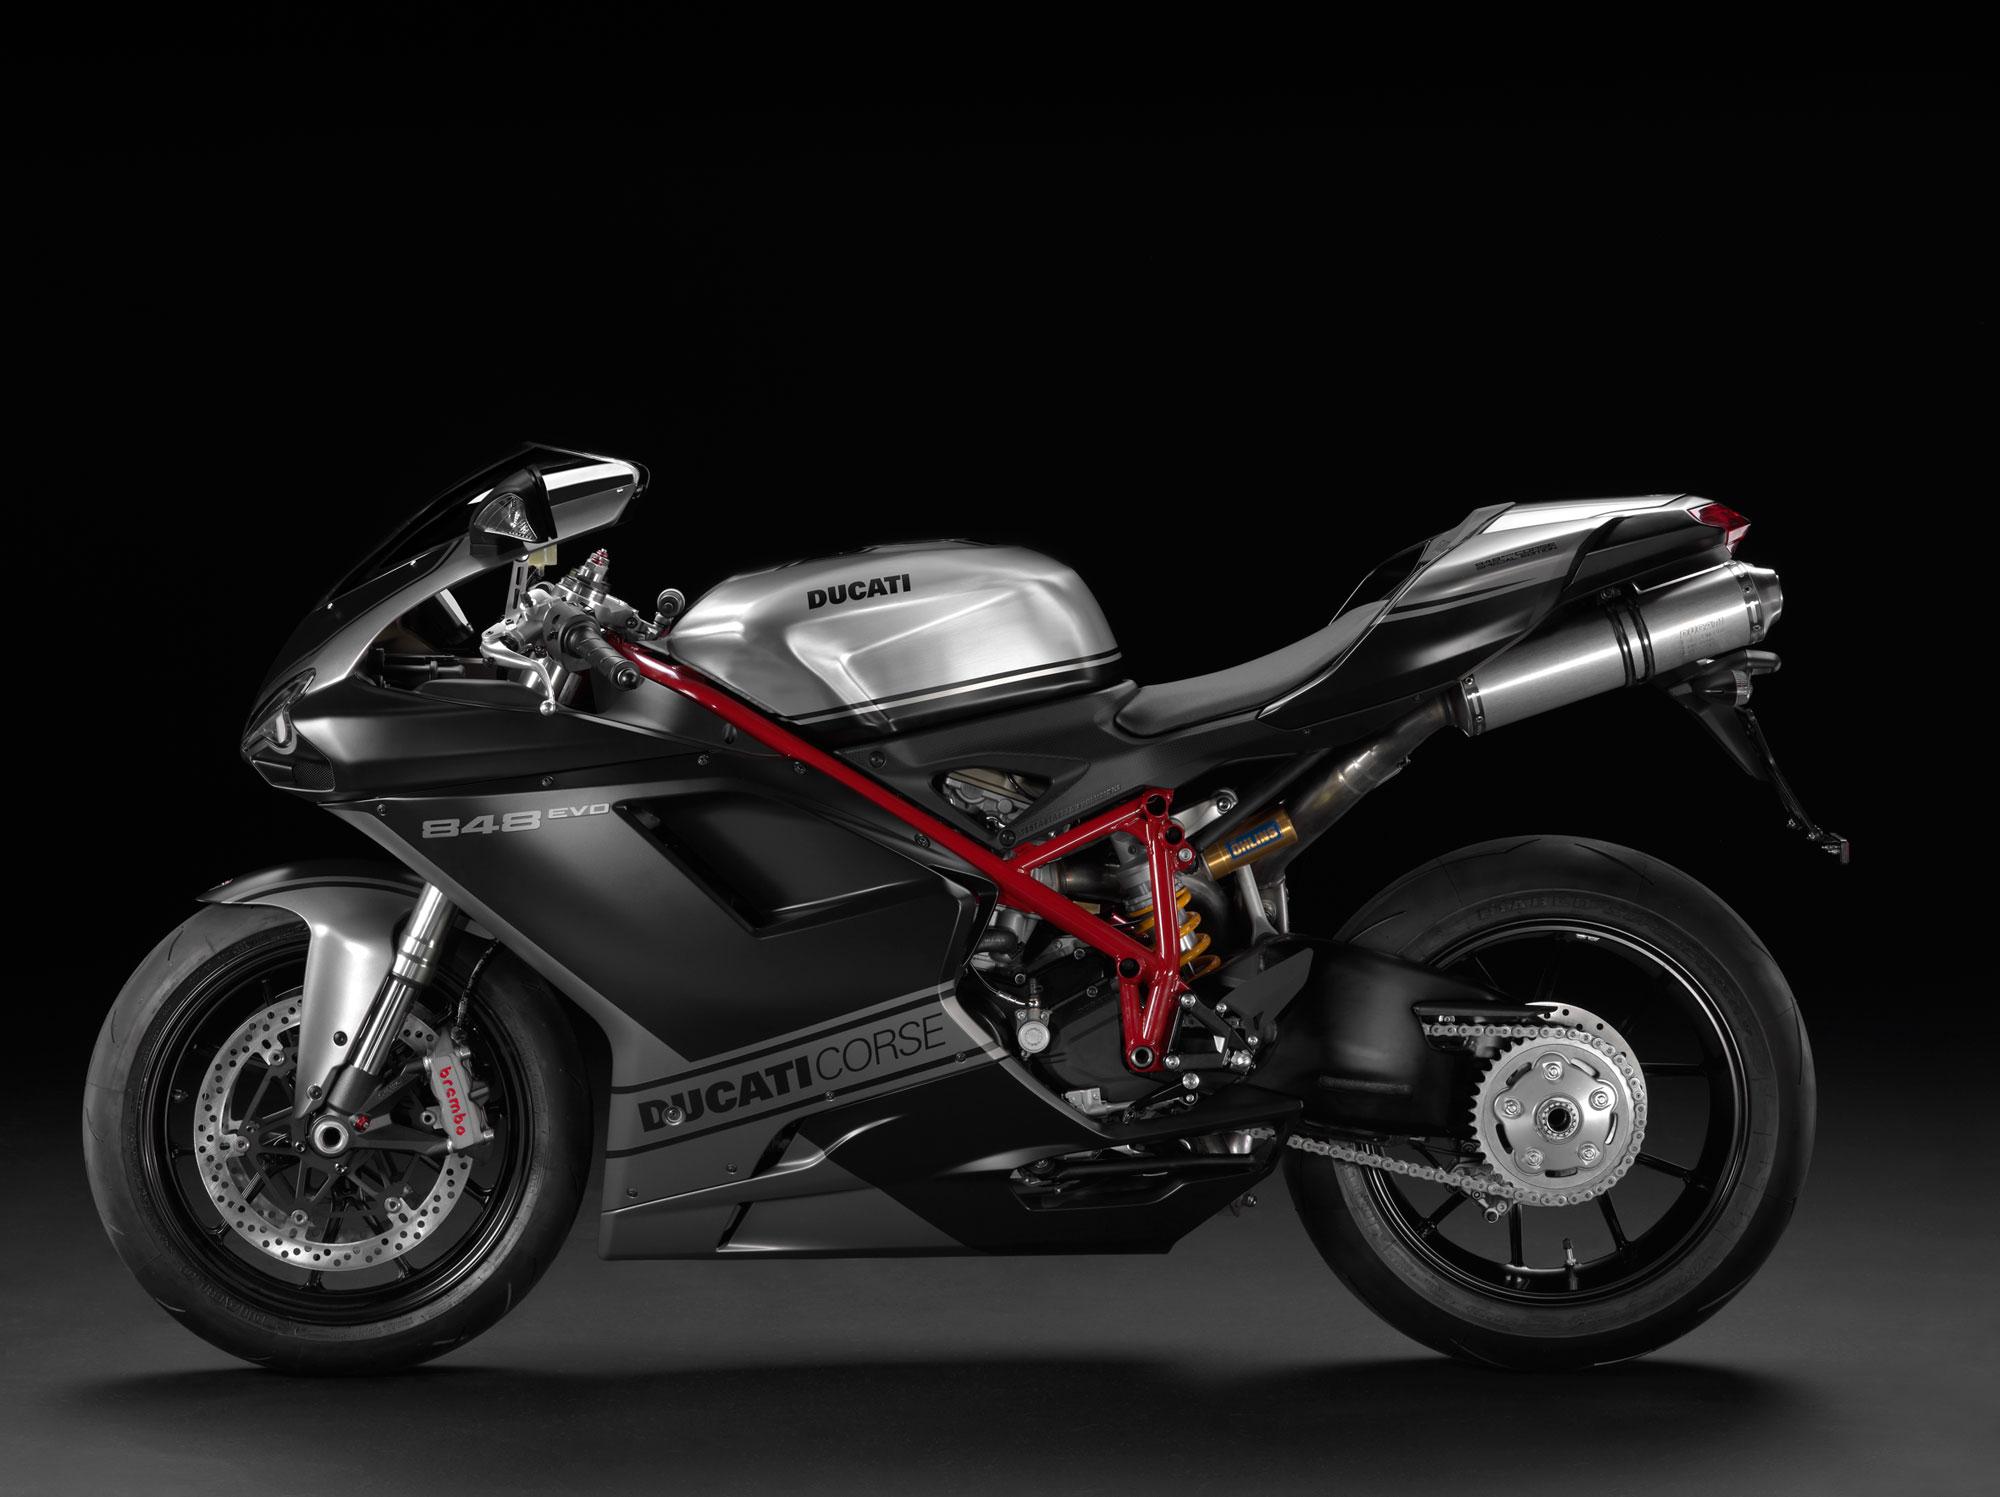 ducati superbike 848 evo corse se specs 2012 2013 autoevolution. Black Bedroom Furniture Sets. Home Design Ideas